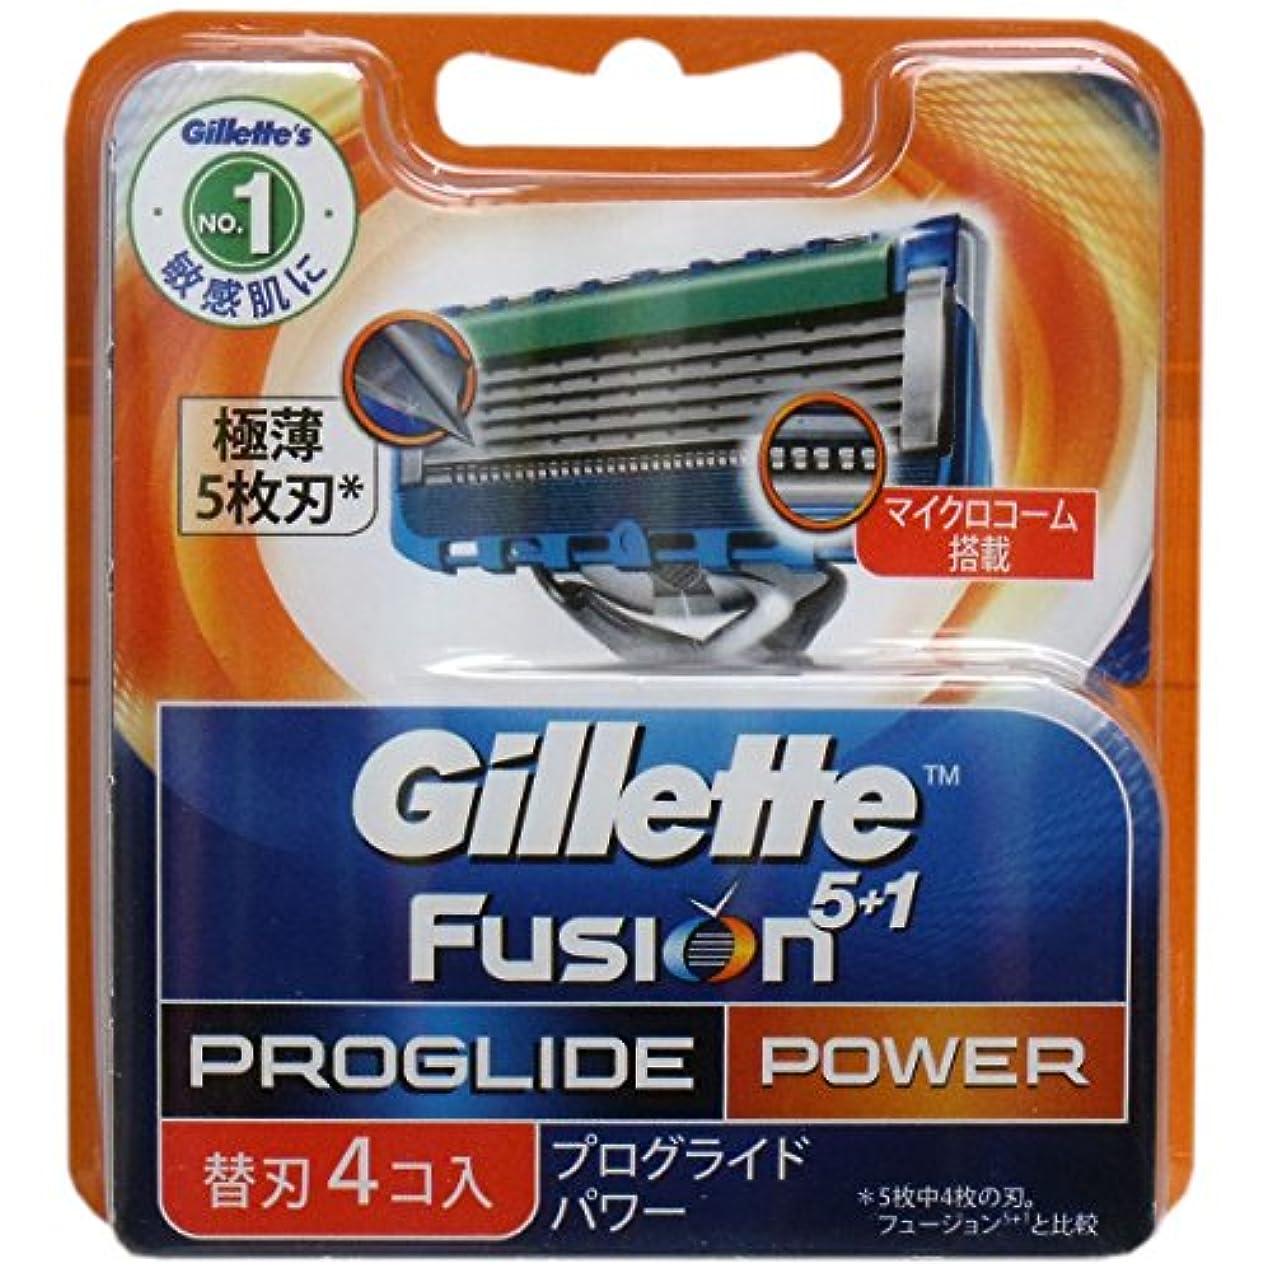 直立の量洗うジレット フュージョン プログライド パワー 替刃 4個入×2個セット